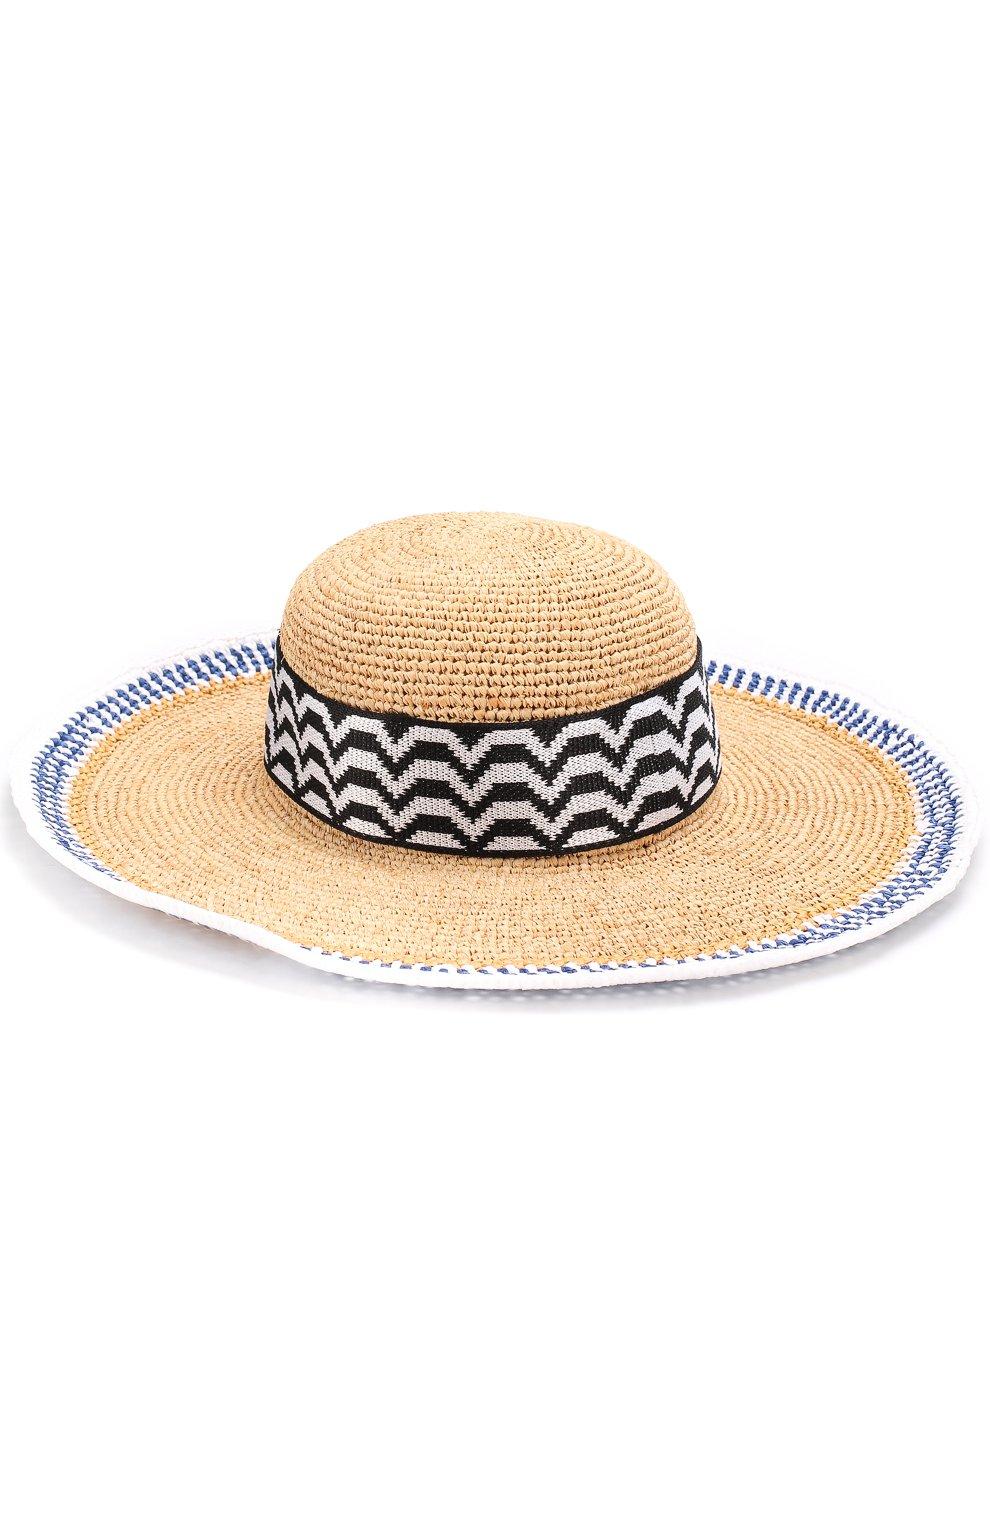 Пляжная шляпа из смеси вискозы и соломы Missoni синего цвета   Фото №2